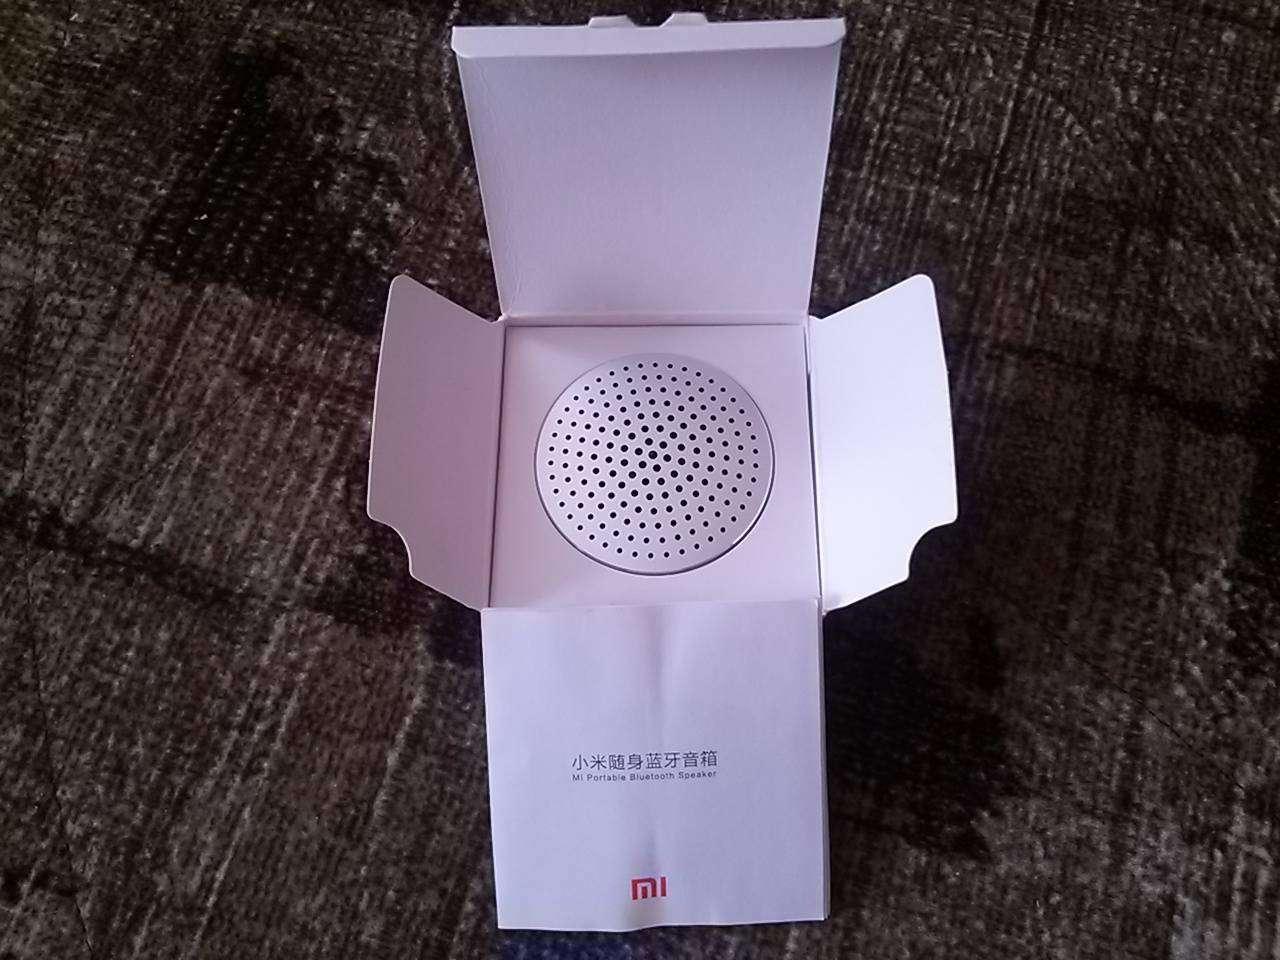 Banggood: Отличная колонка от Xiaomi